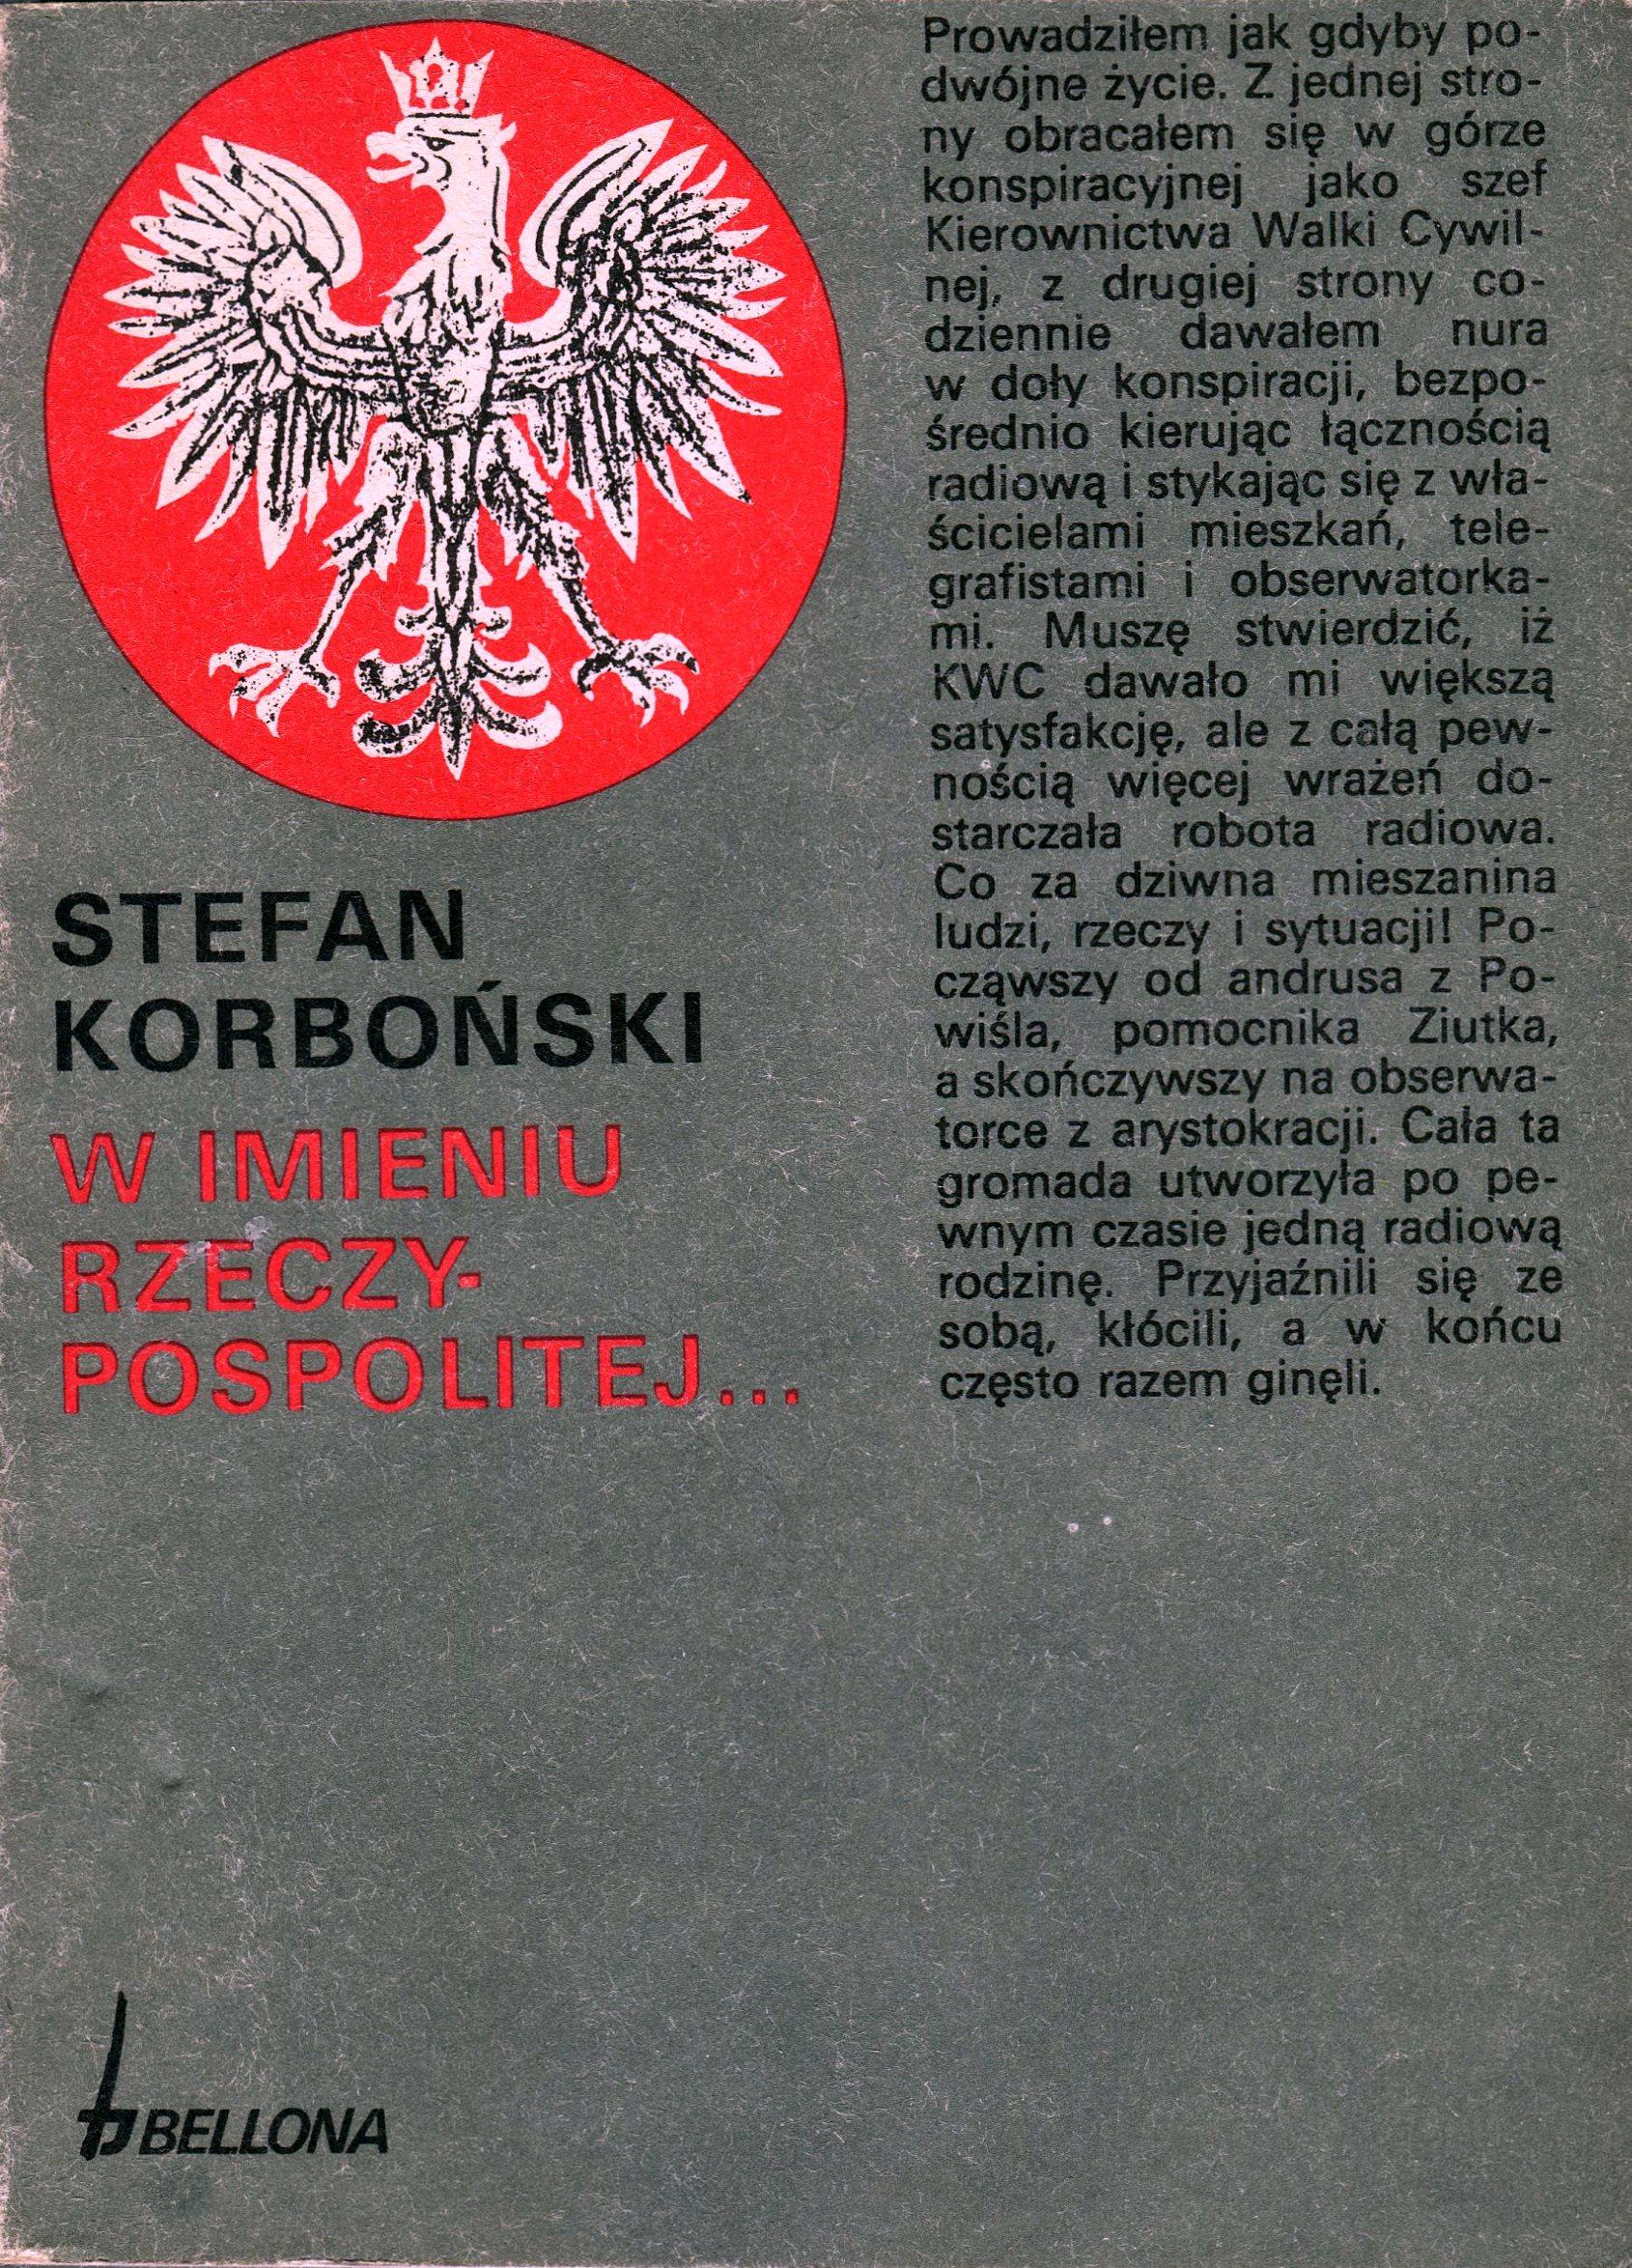 """<div class='inner-box'><div class='close-desc'></div><span class='opis'>Okładka pierwszego w Polsce, oficjalnego wydania """"W imieniu Rzeczypospolitej"""" (wyd. """"Bellona"""", Warszawa 1991).  Książka po raz pierwszy ukazała się nakładem IL w 1954 r, została wznowiona przez wyd. """"Gryf"""" w Londynie w 1964 r. W drugim obiegu wydało ją wydawnictwo """"Krąg"""" (Warszawa 1982 r.)</span><div class='clearfix'></div><span>Archive ref. sm00216</span><div class='clearfix'></div><span>© Instytut Literacki</span></div>"""